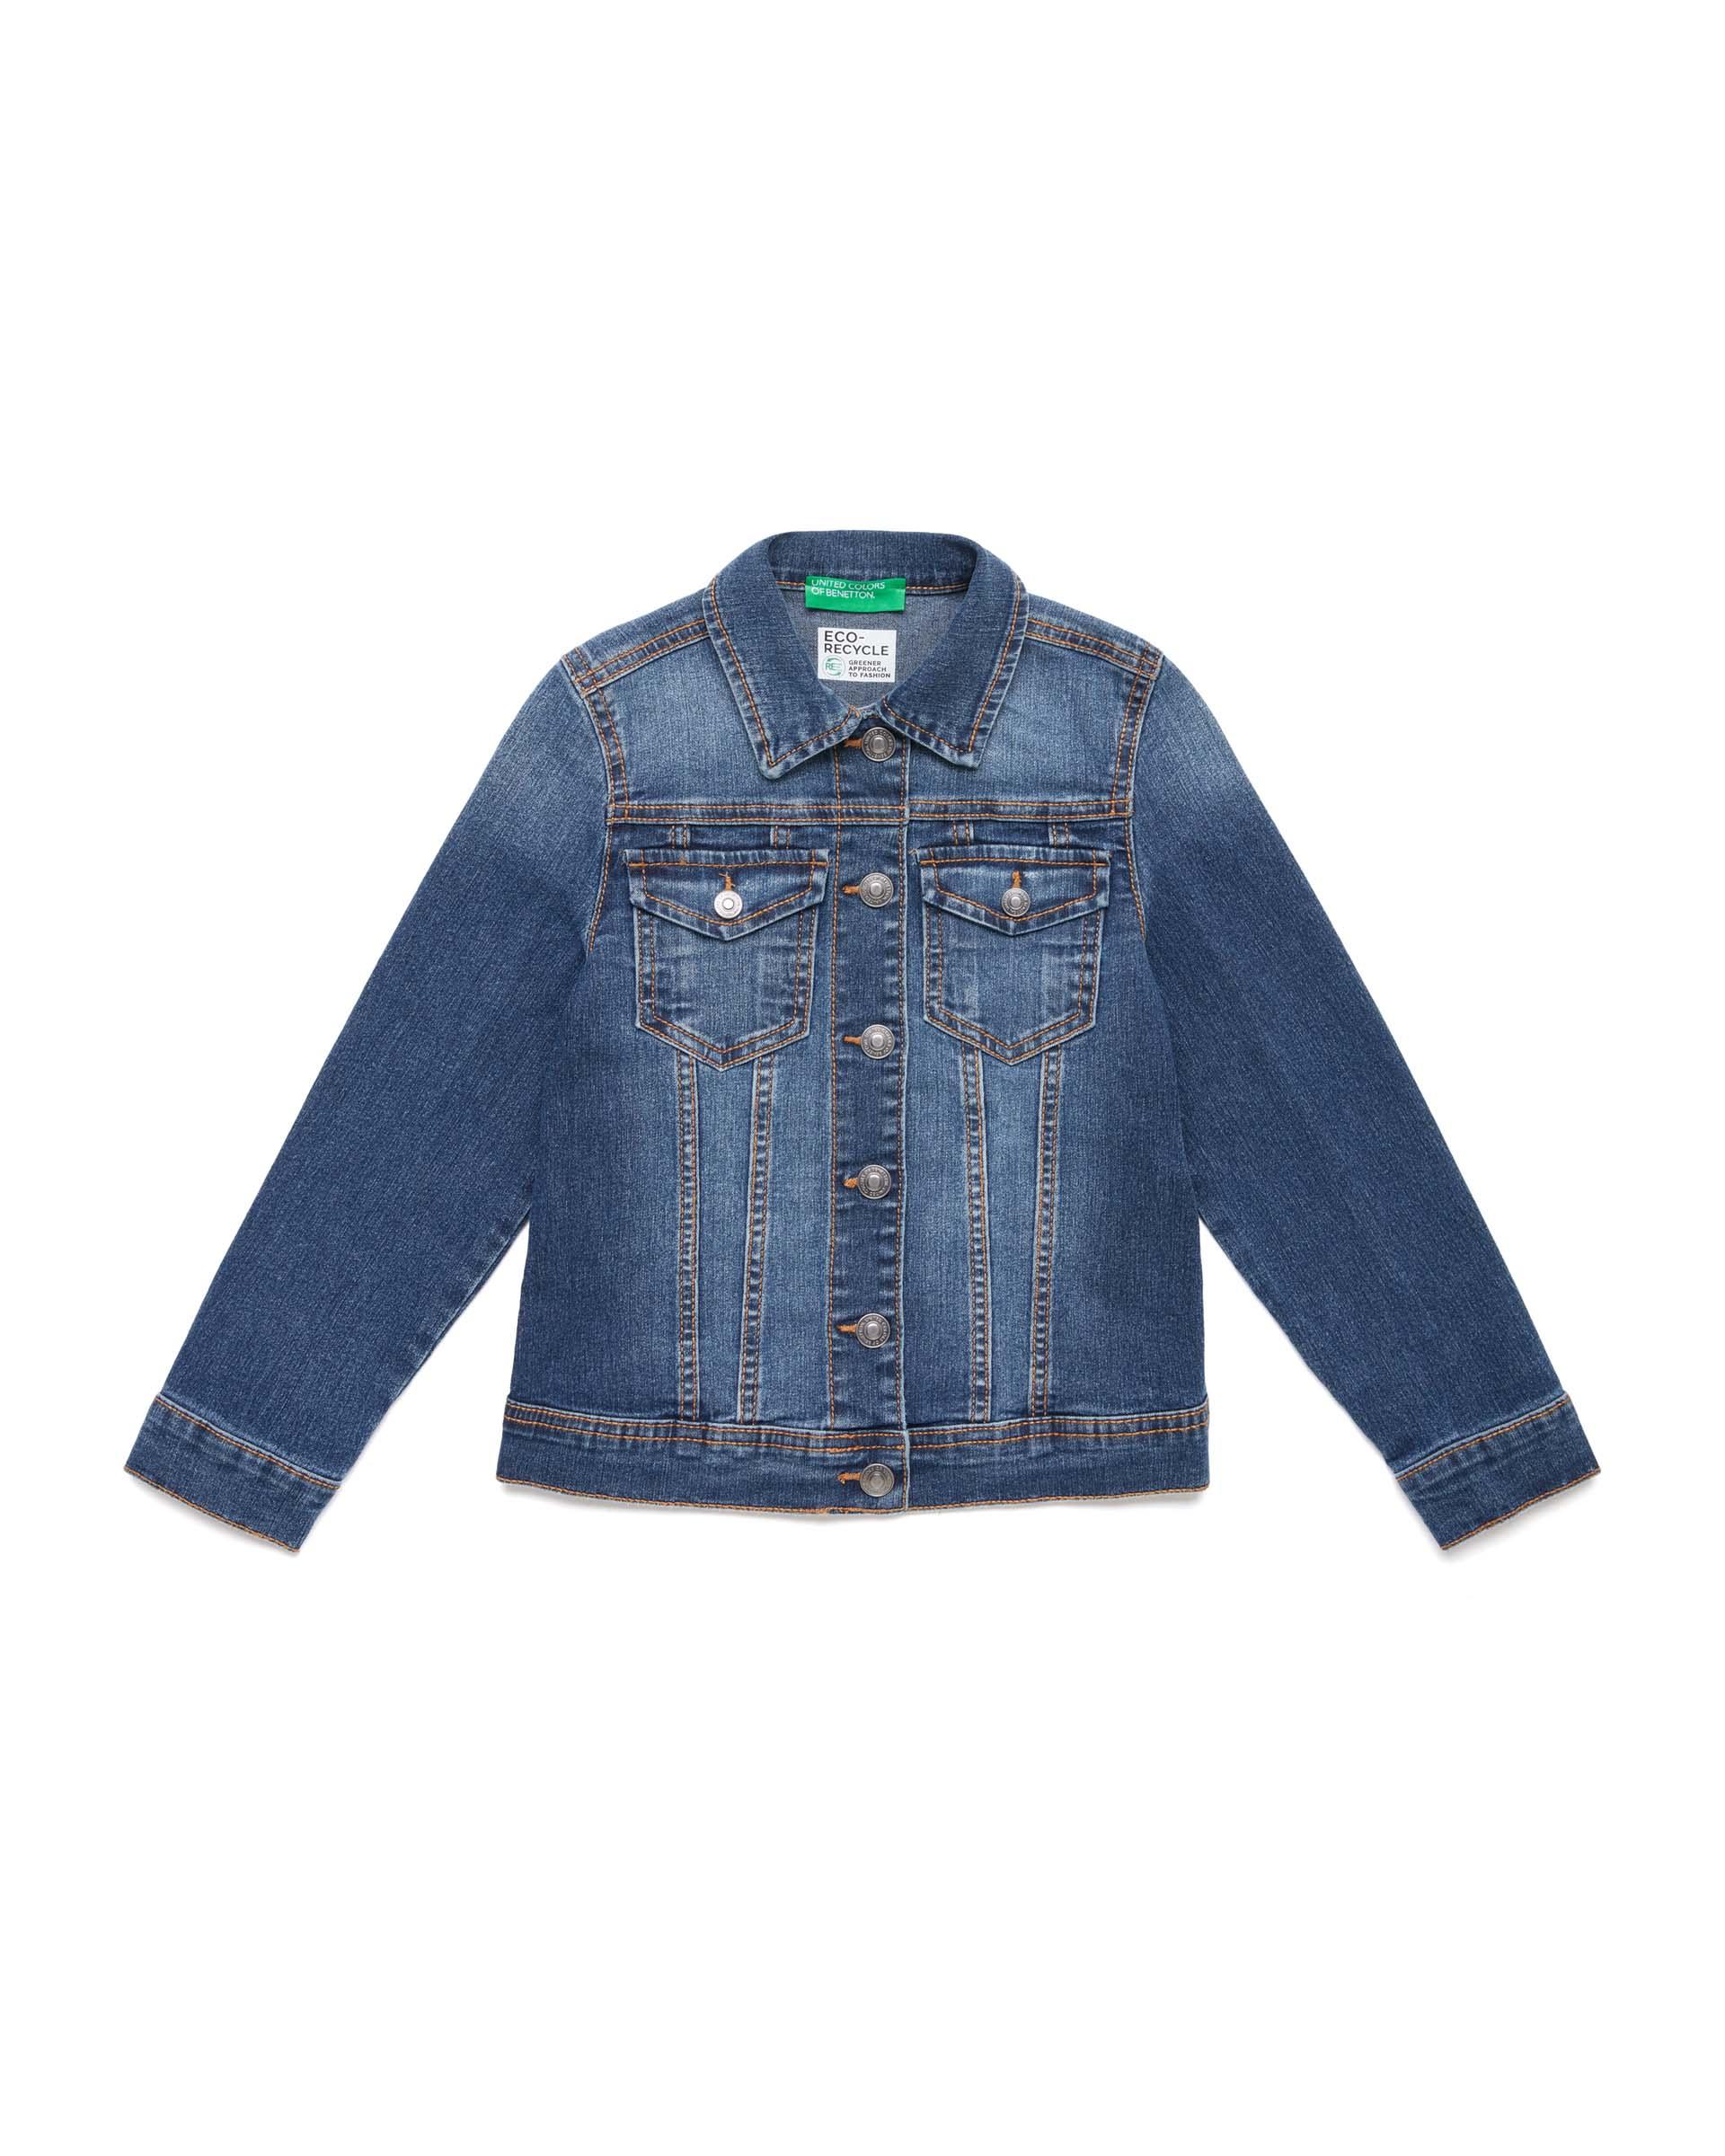 Купить 20P_2XA253HK0_901, Джинсовая куртка для девочек Benetton 2XA253HK0_901 р-р 140, United Colors of Benetton, Куртки для девочек